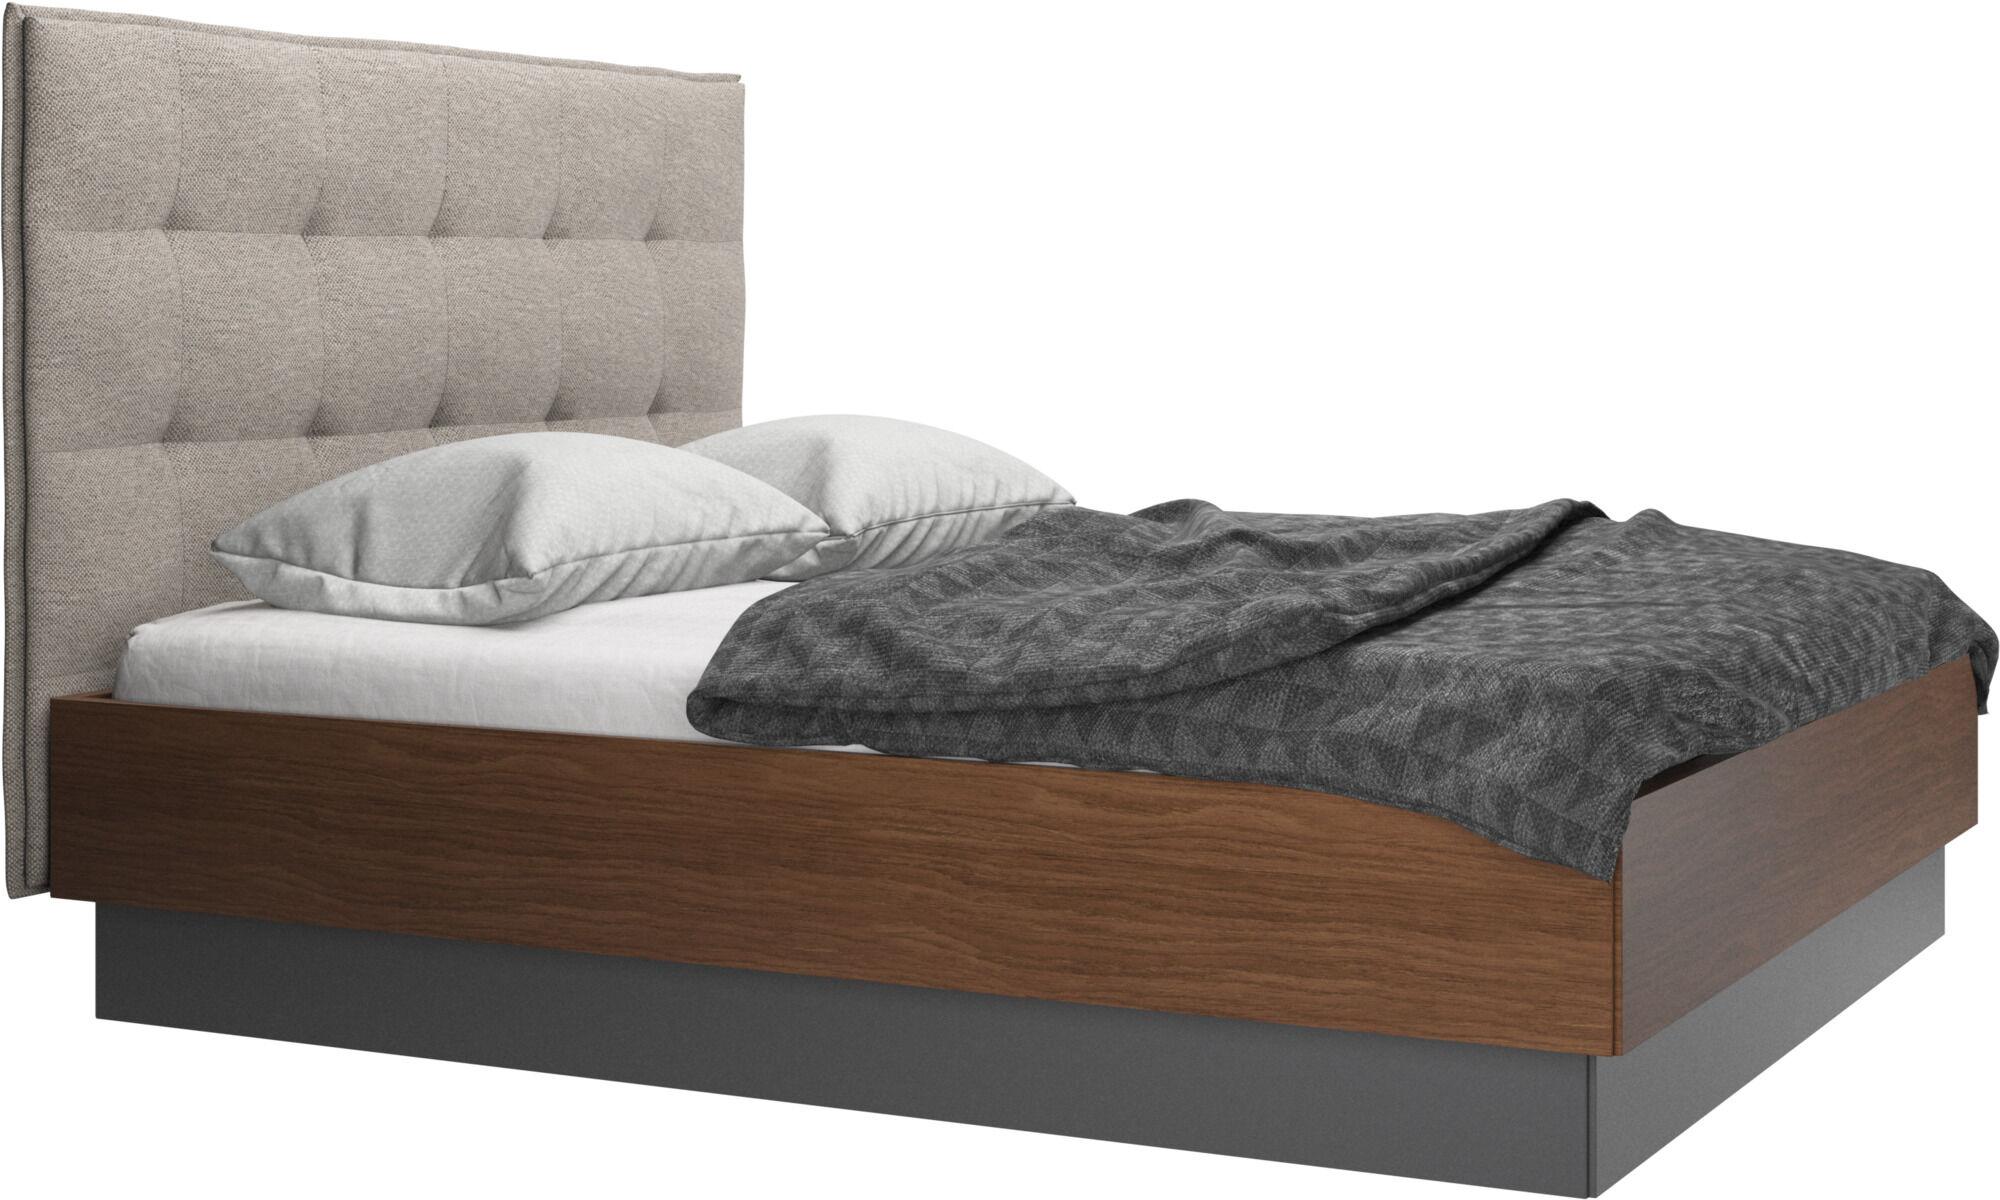 Senge Beige Valnod Moderne Dansk Design Boconcept